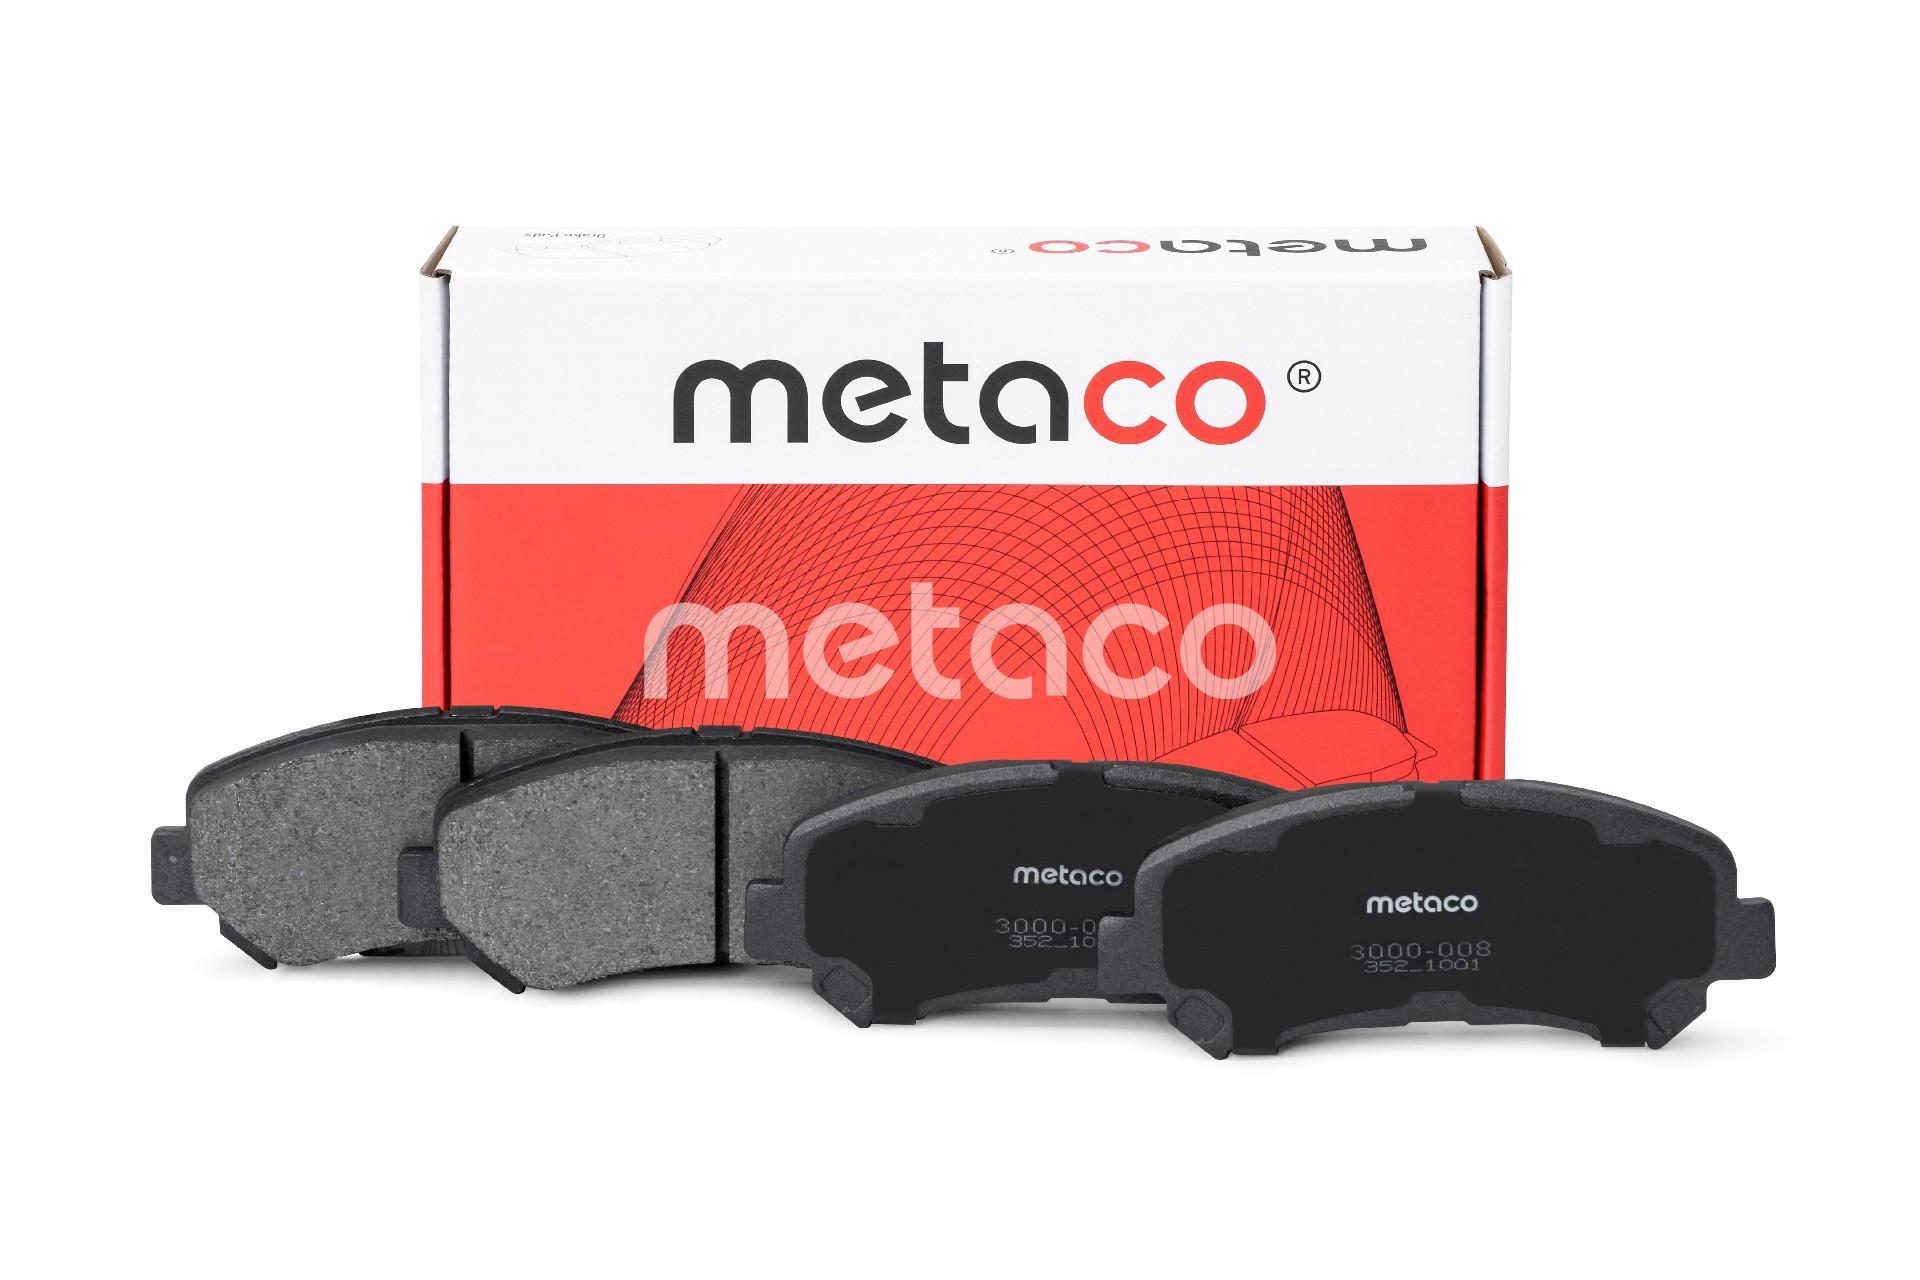 Metaco 3000-008 Nissan, Suzuki D1060JD00J, 41060JD00A, D1060JD00A, D1060JD0VA, D1060JE00A, D10603UB0A, 5581057L00